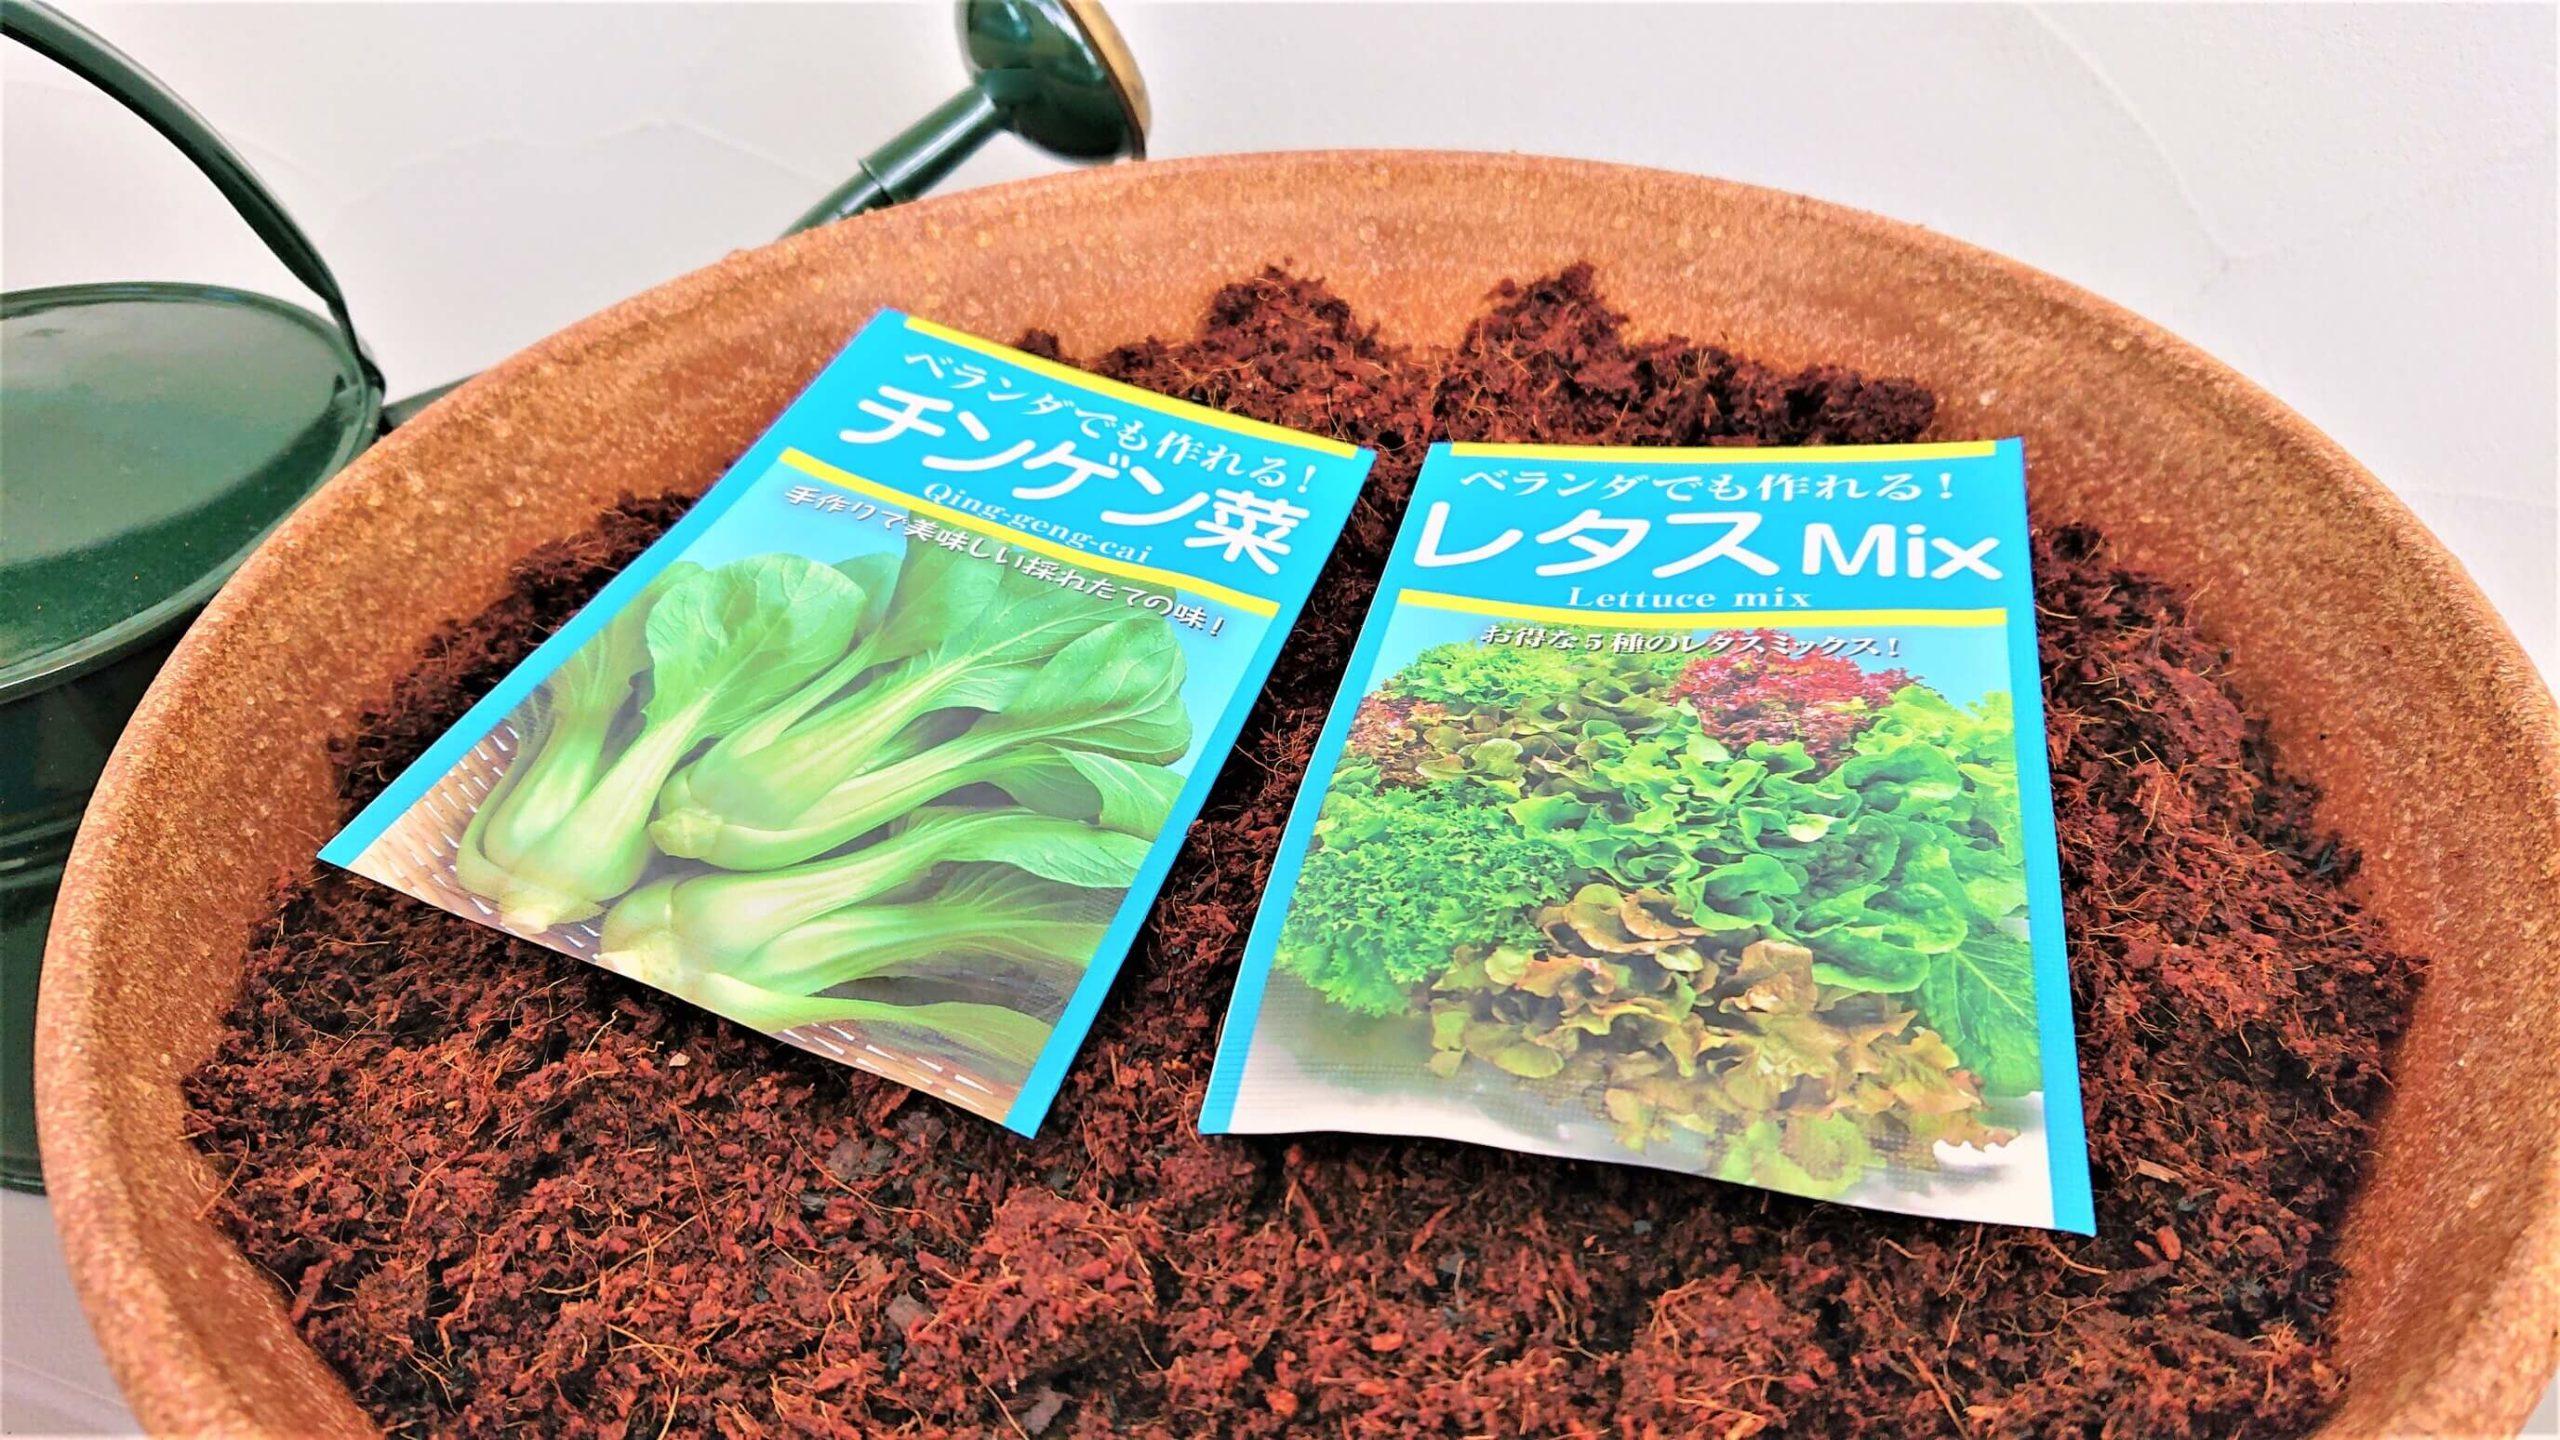 レタスミックス・チンゲン菜の種